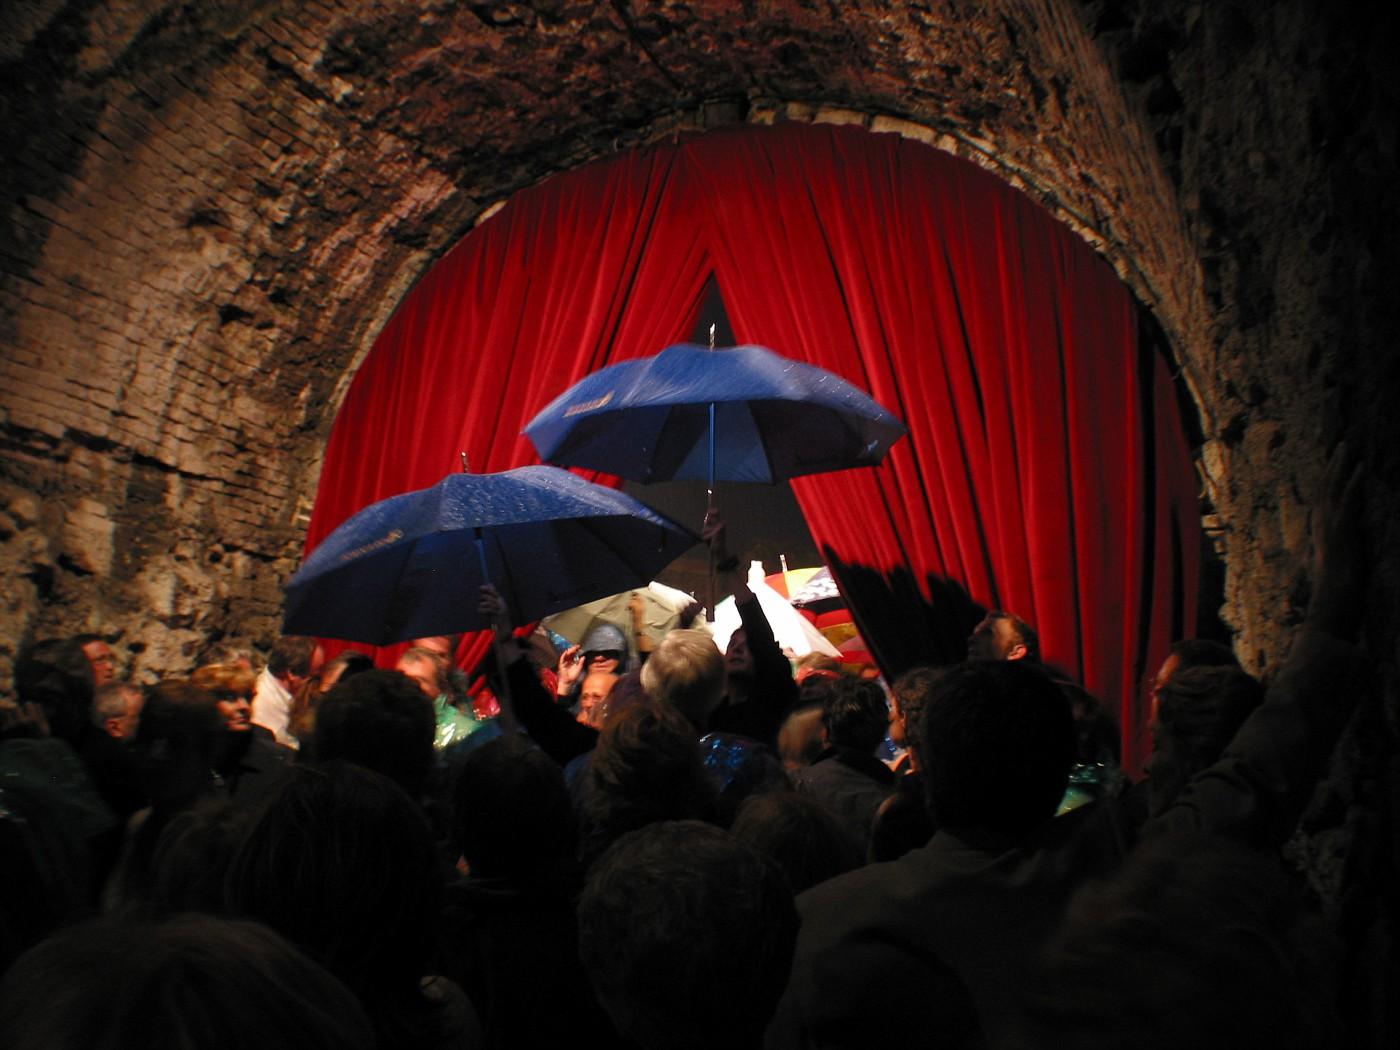 Escape from the rain in Verona, Italy